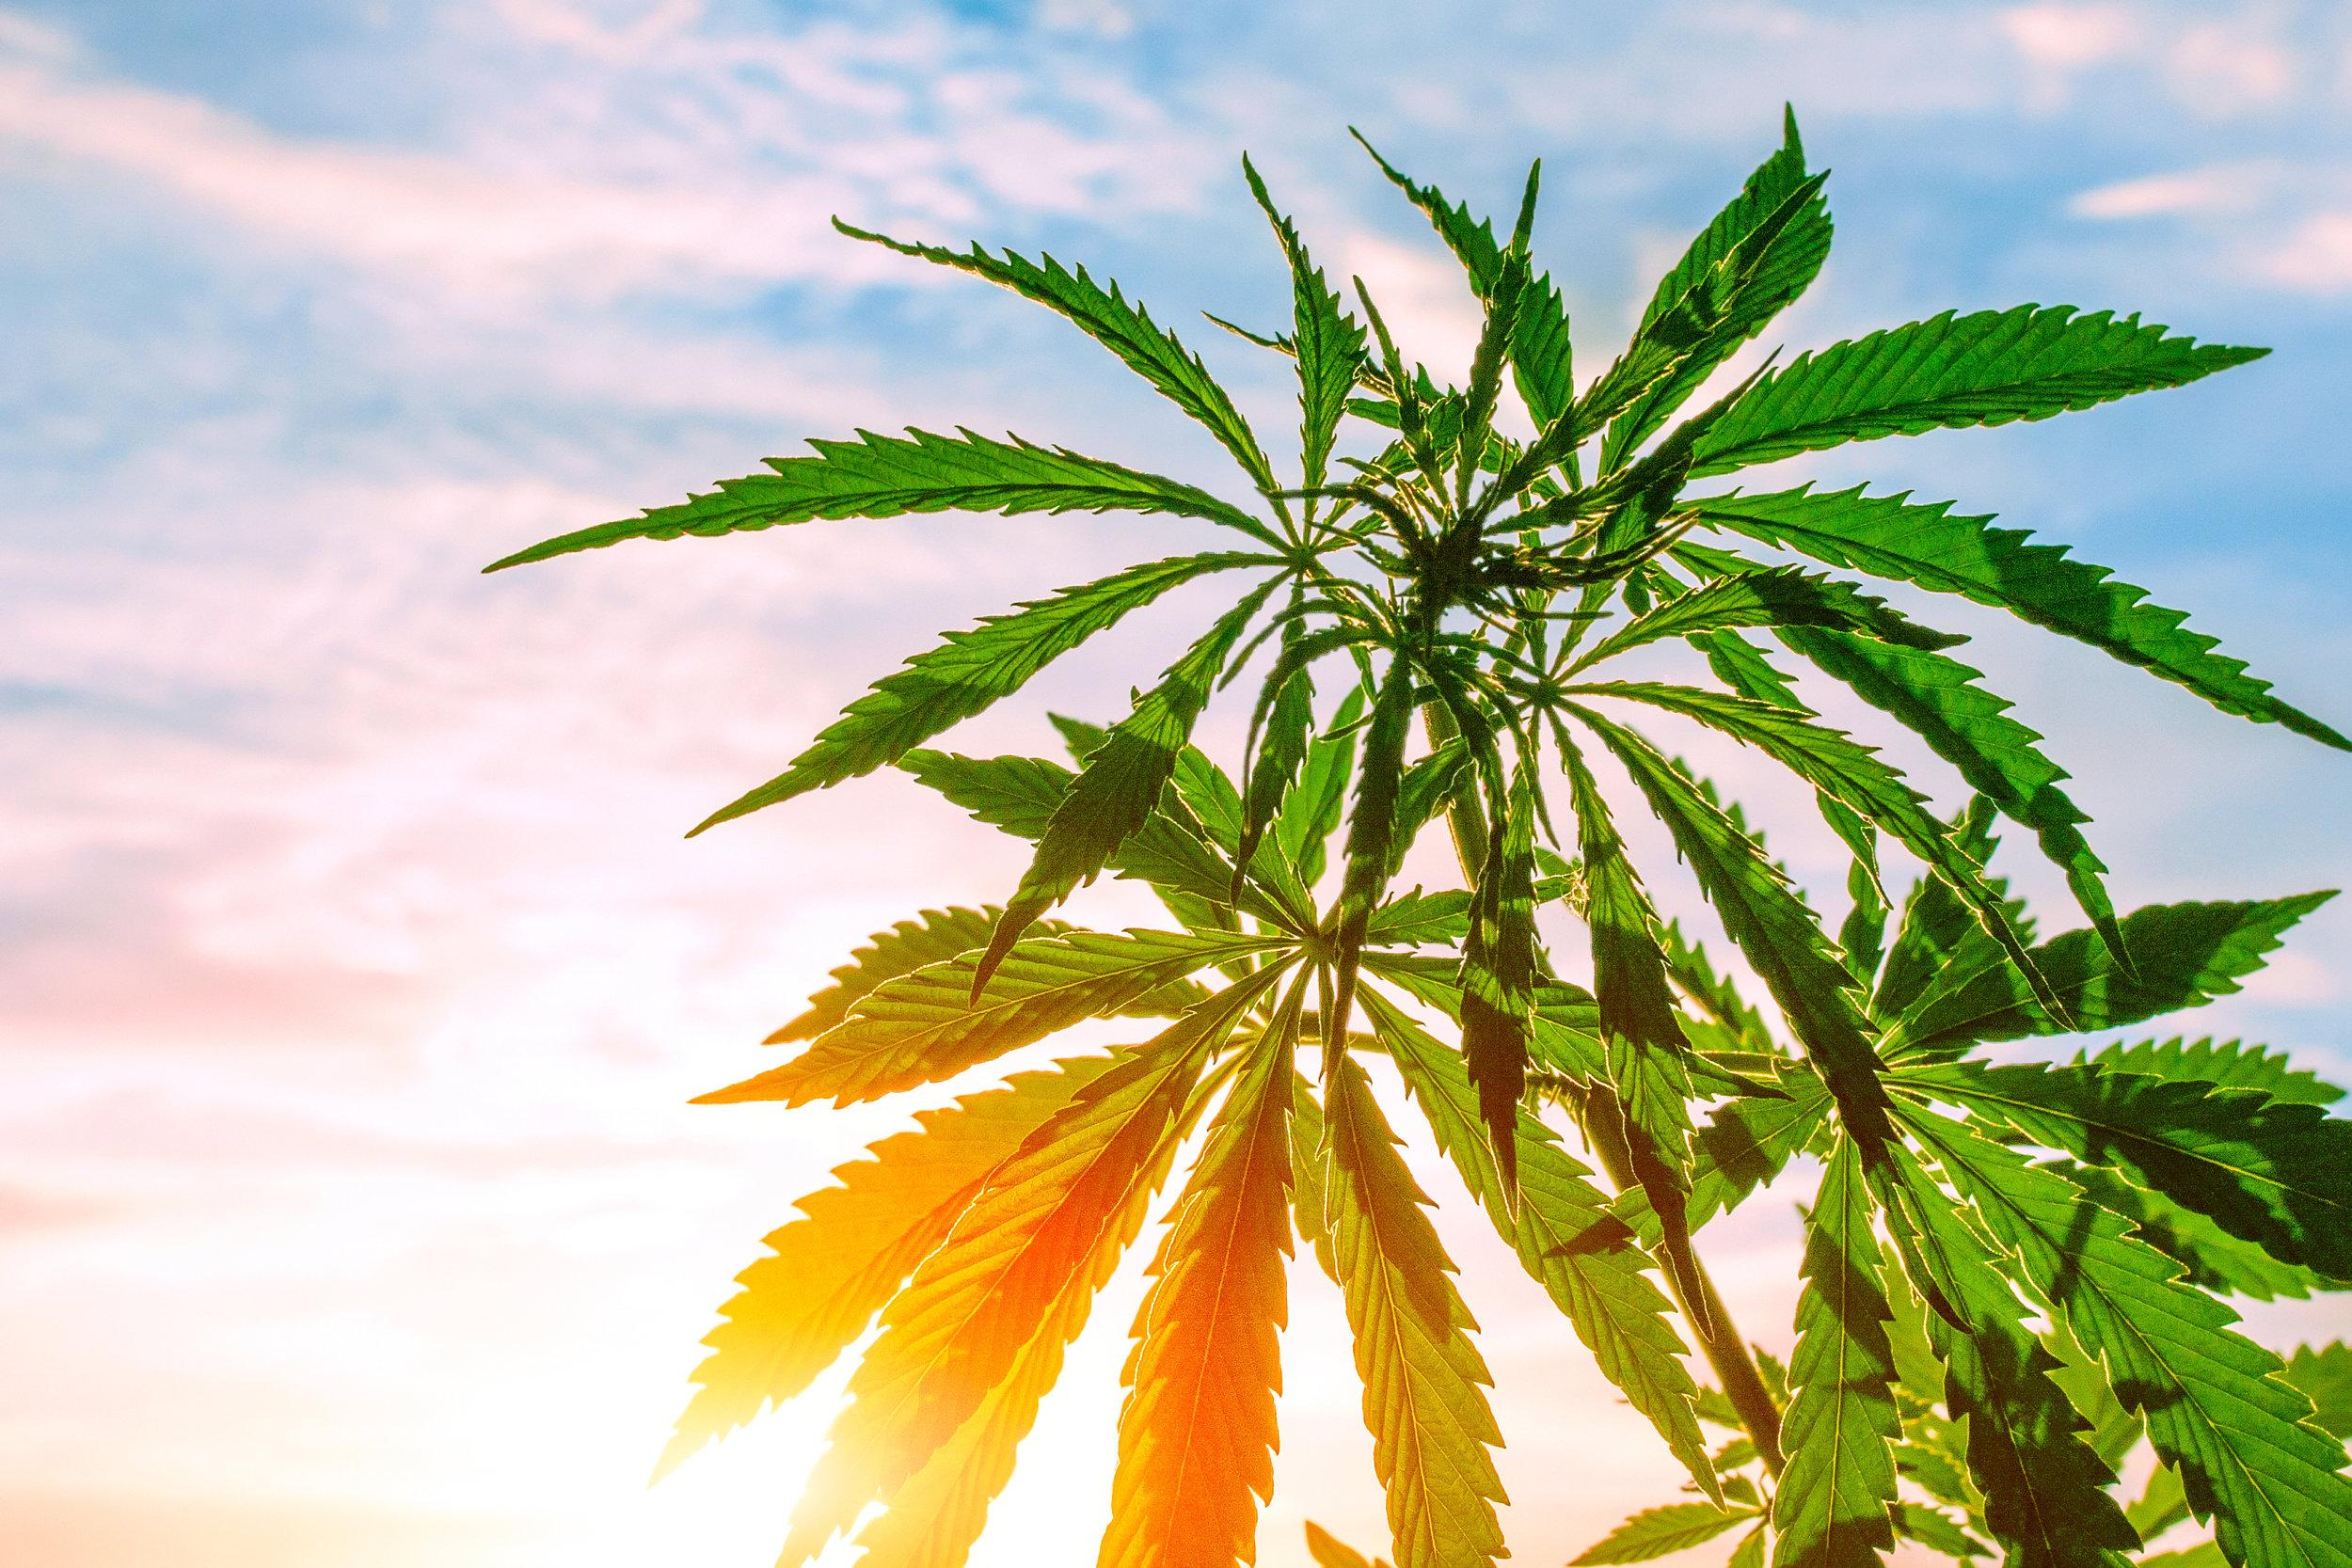 California cannabis news